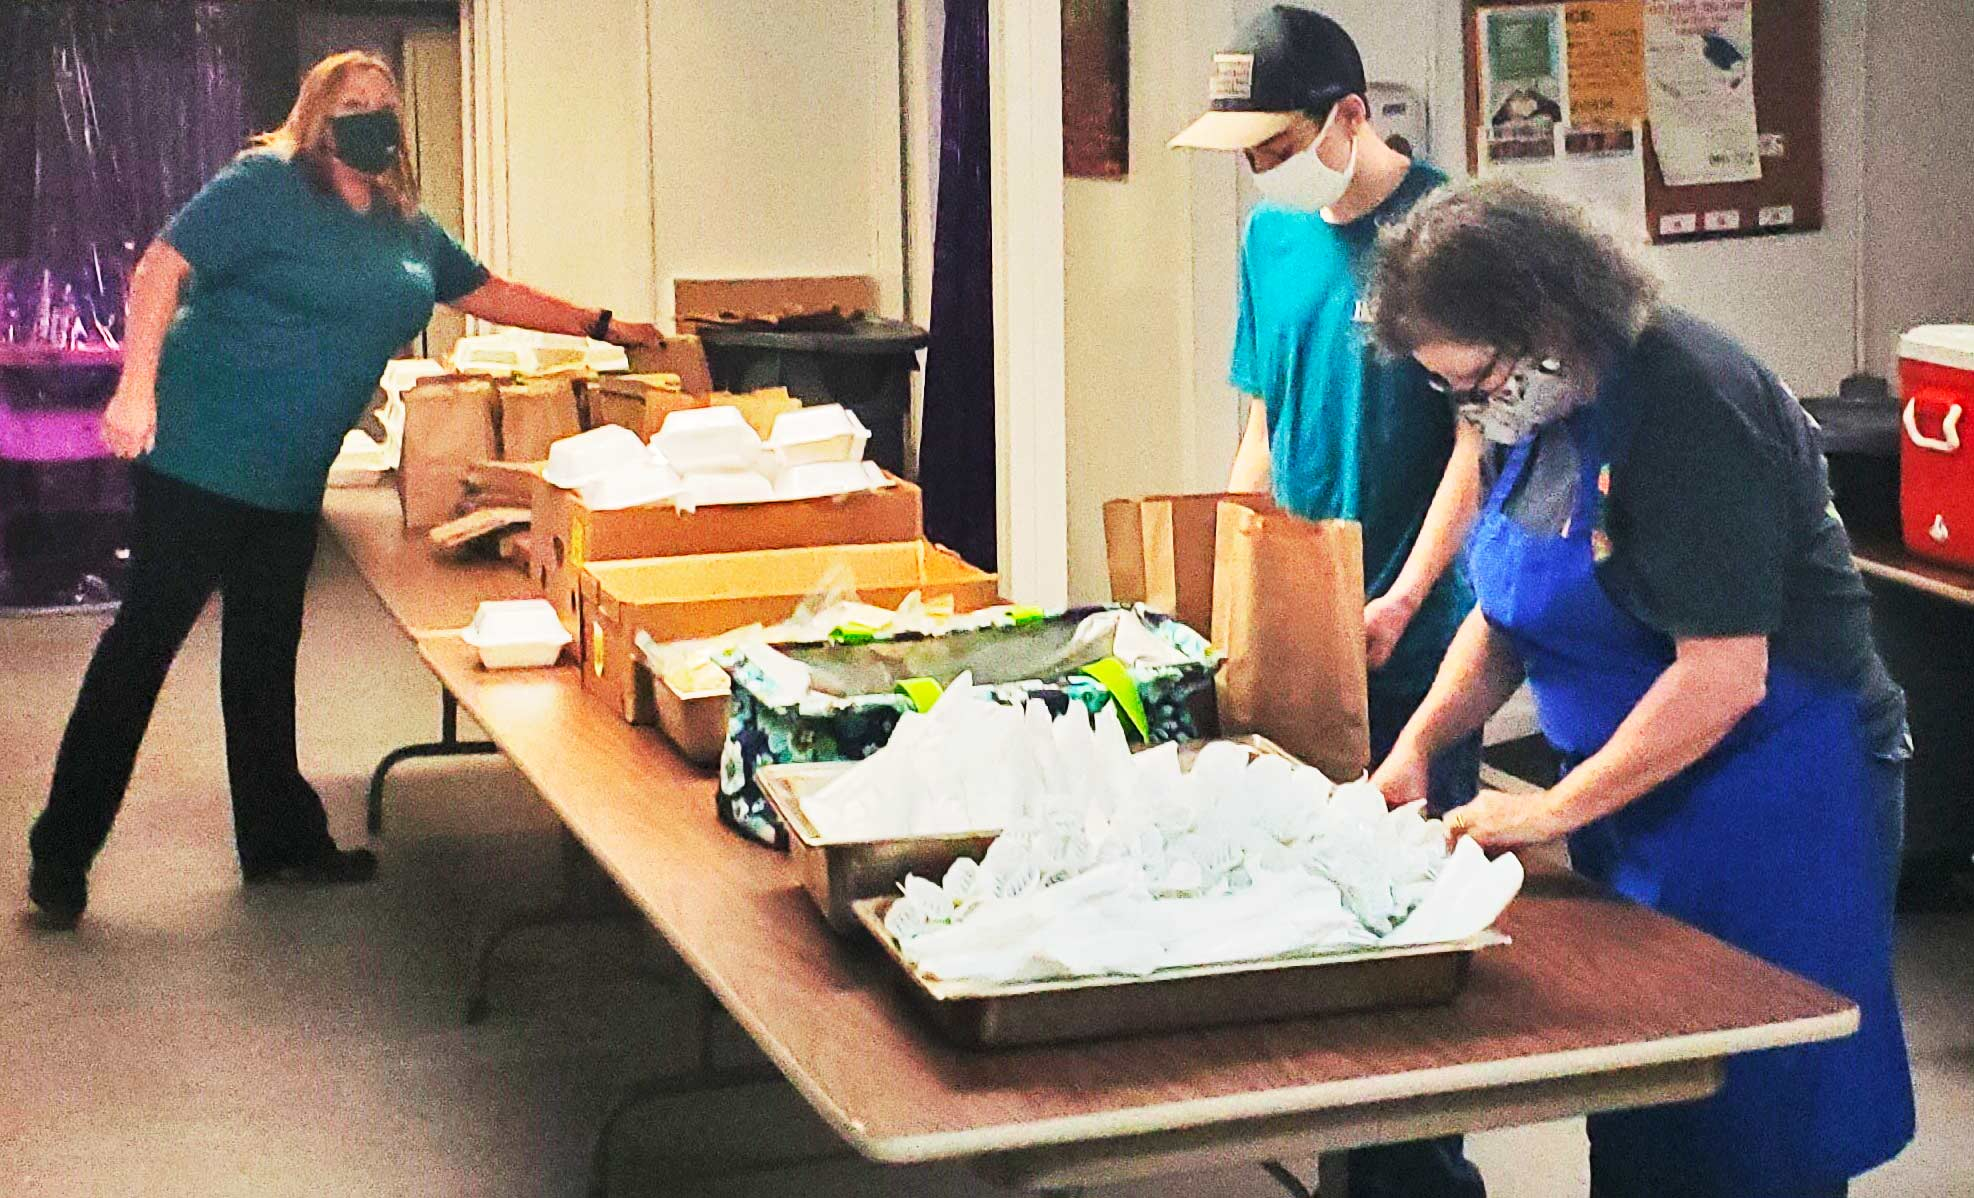 Kitchen of Hope volunteers